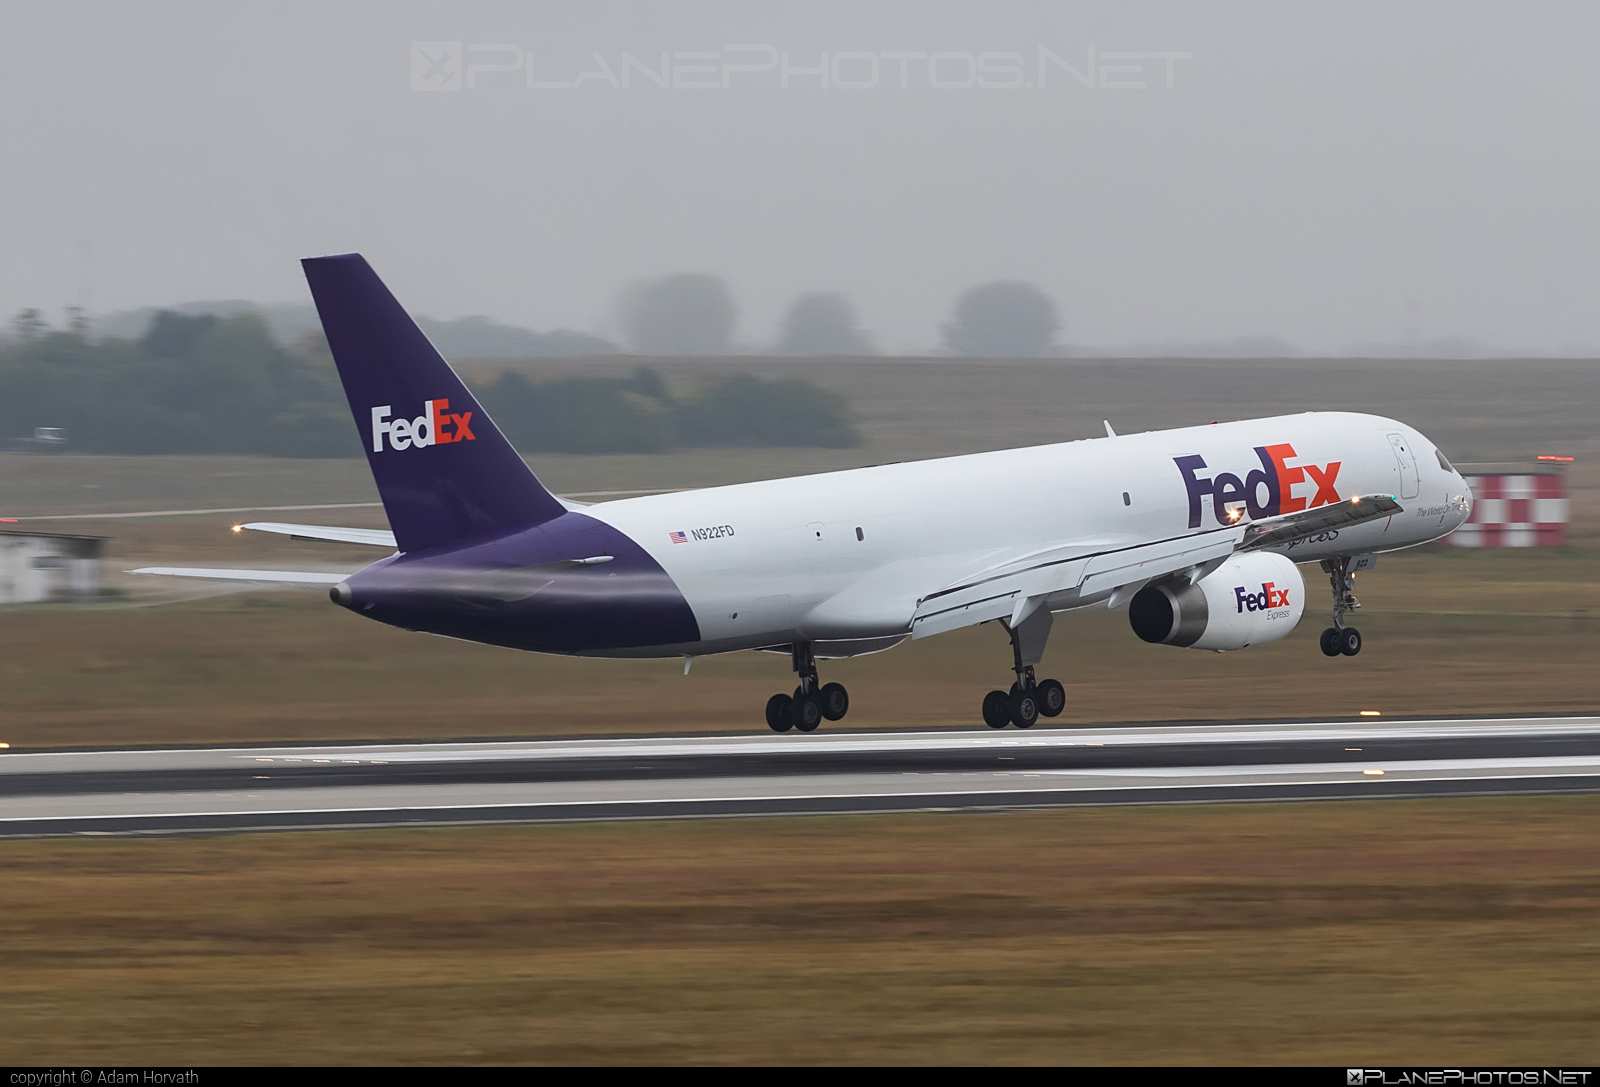 Boeing 757-200SF - N922FD operated by FedEx Express #b757 #boeing #boeing757 #fedex #fedexairlines #fedexexpress